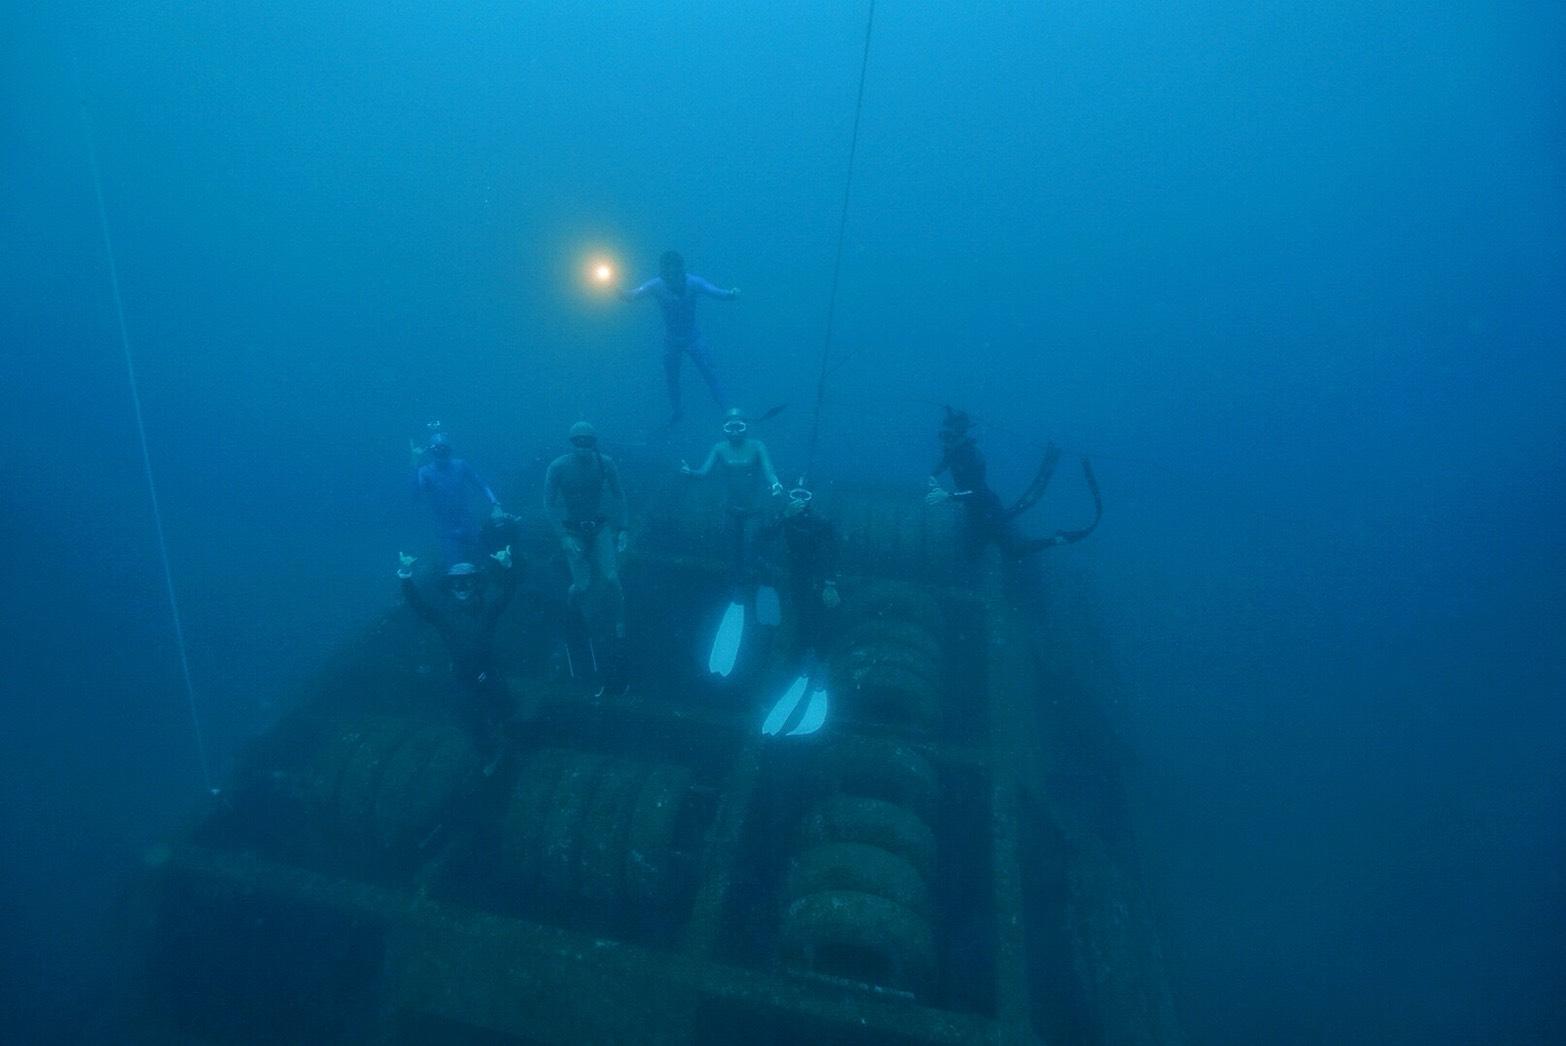 小琉球鋼鐵礁